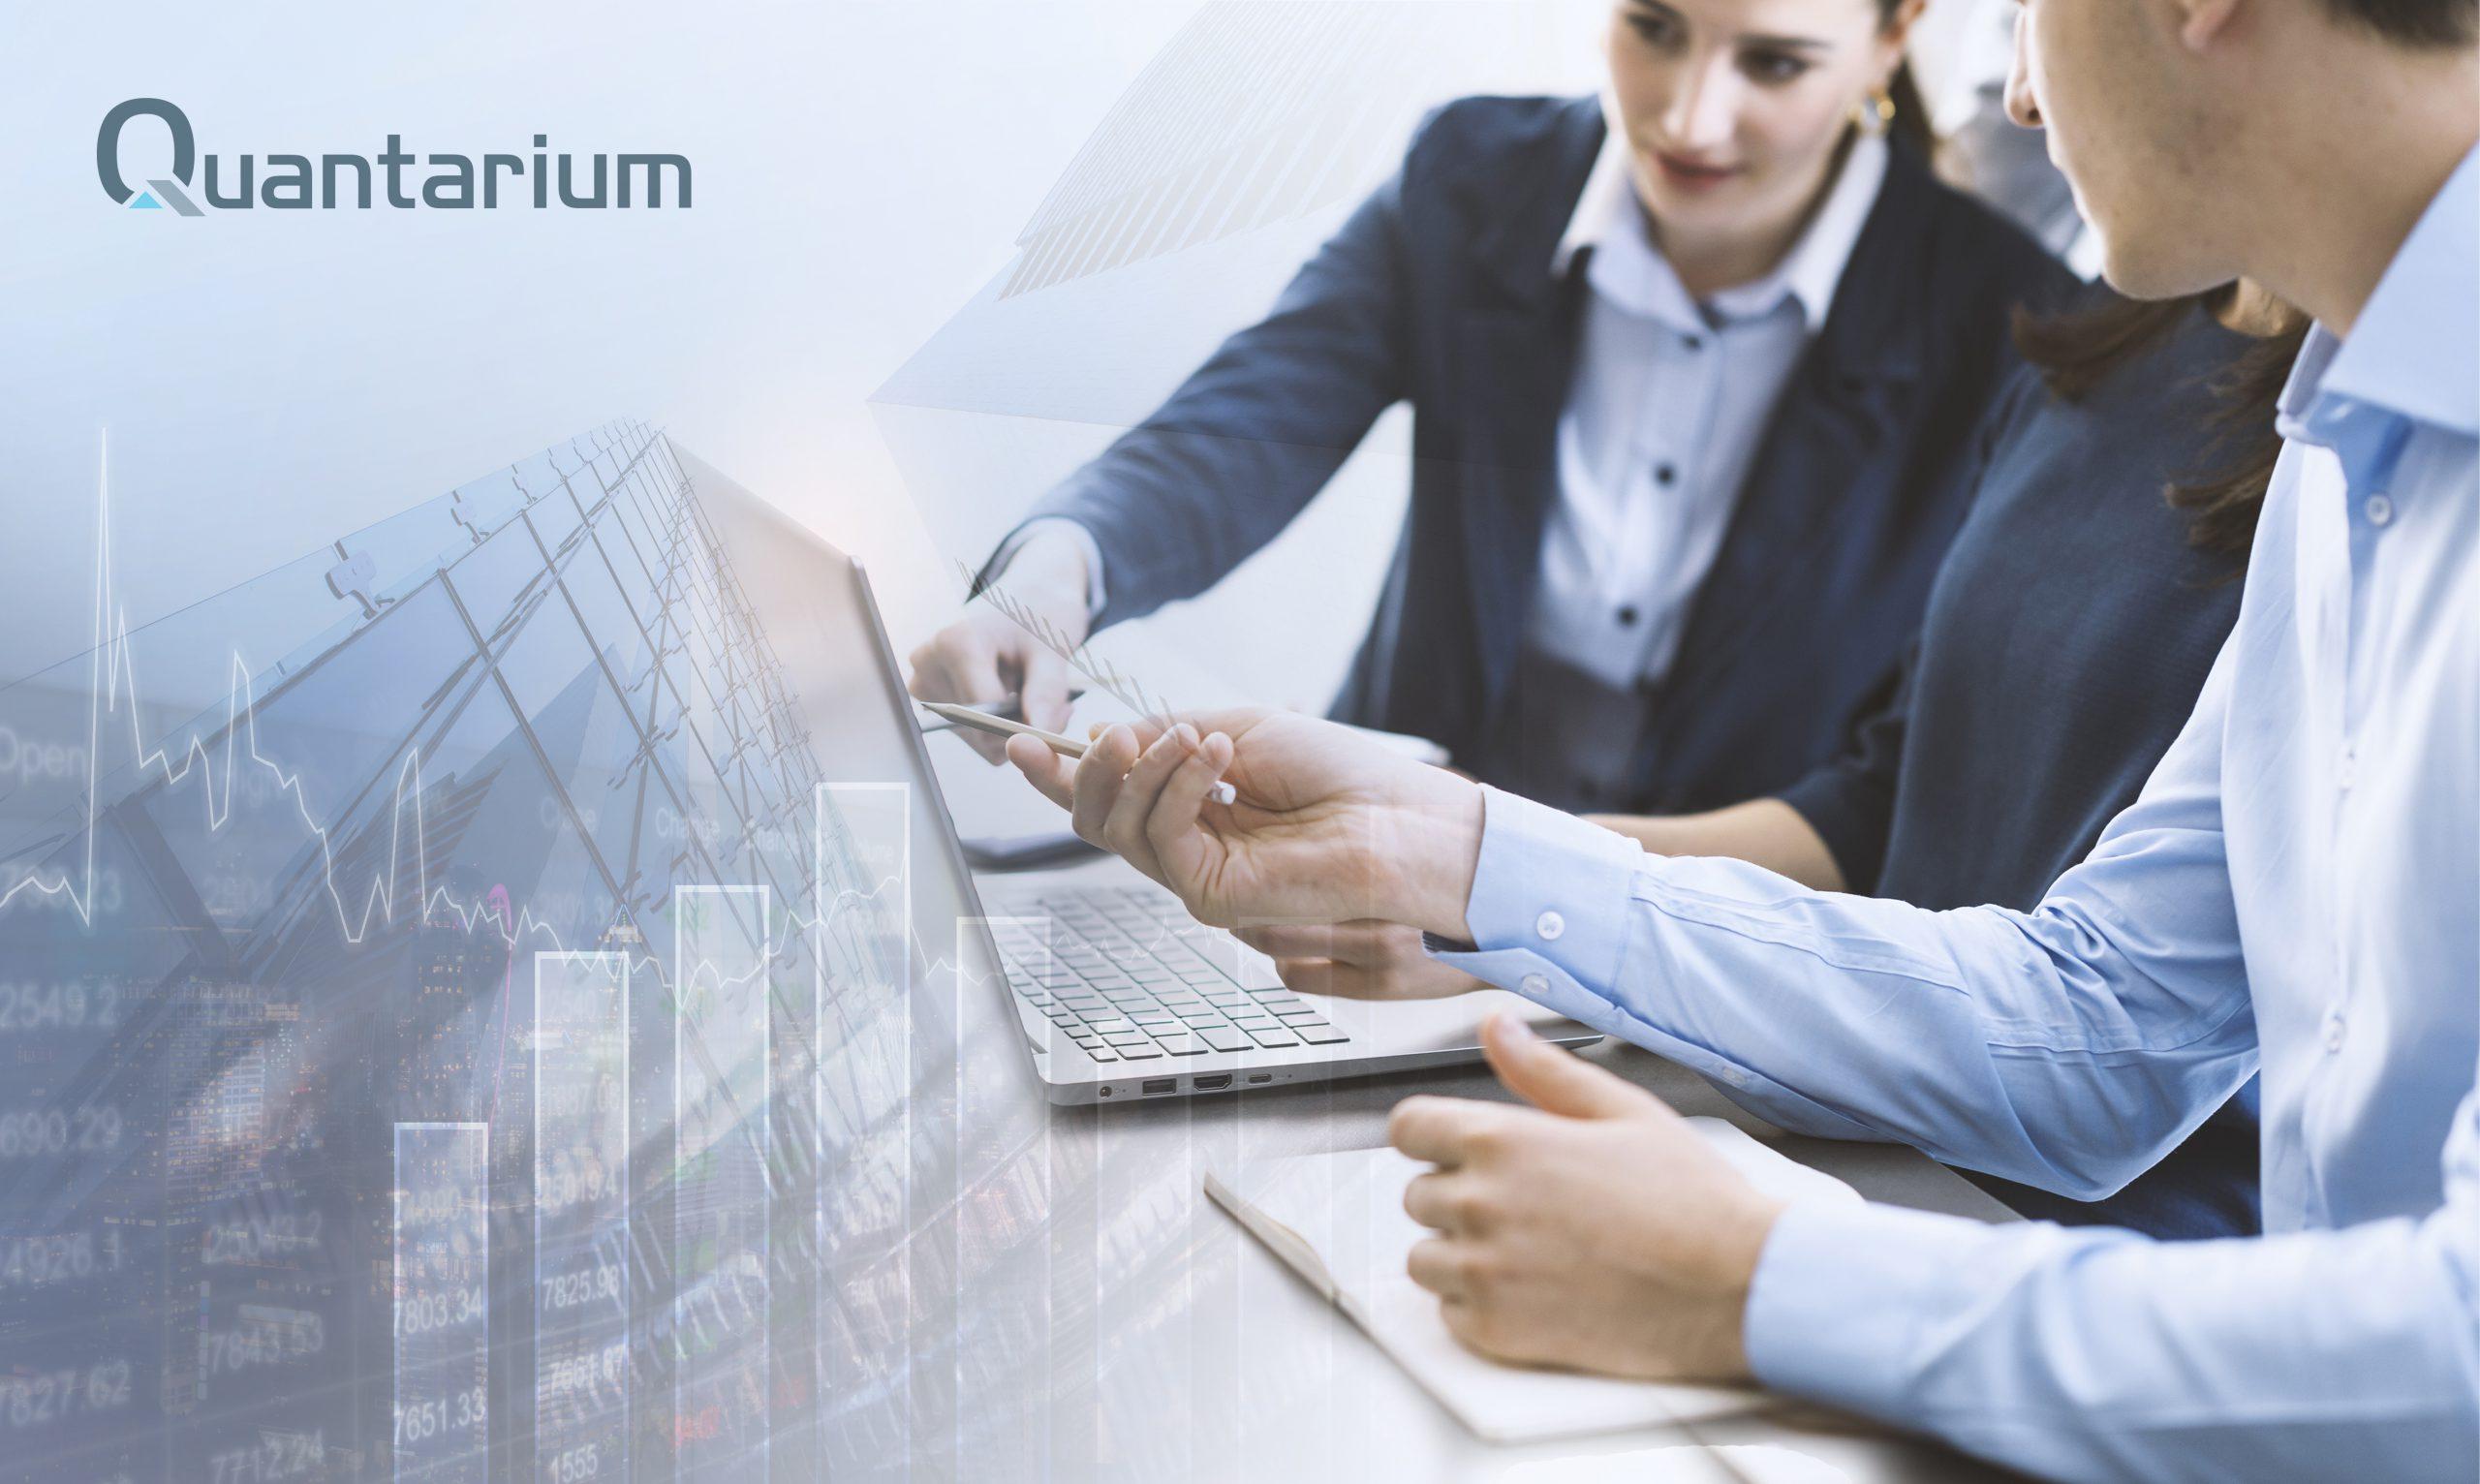 Quantarium Portfolio Analytics Services Busines Team